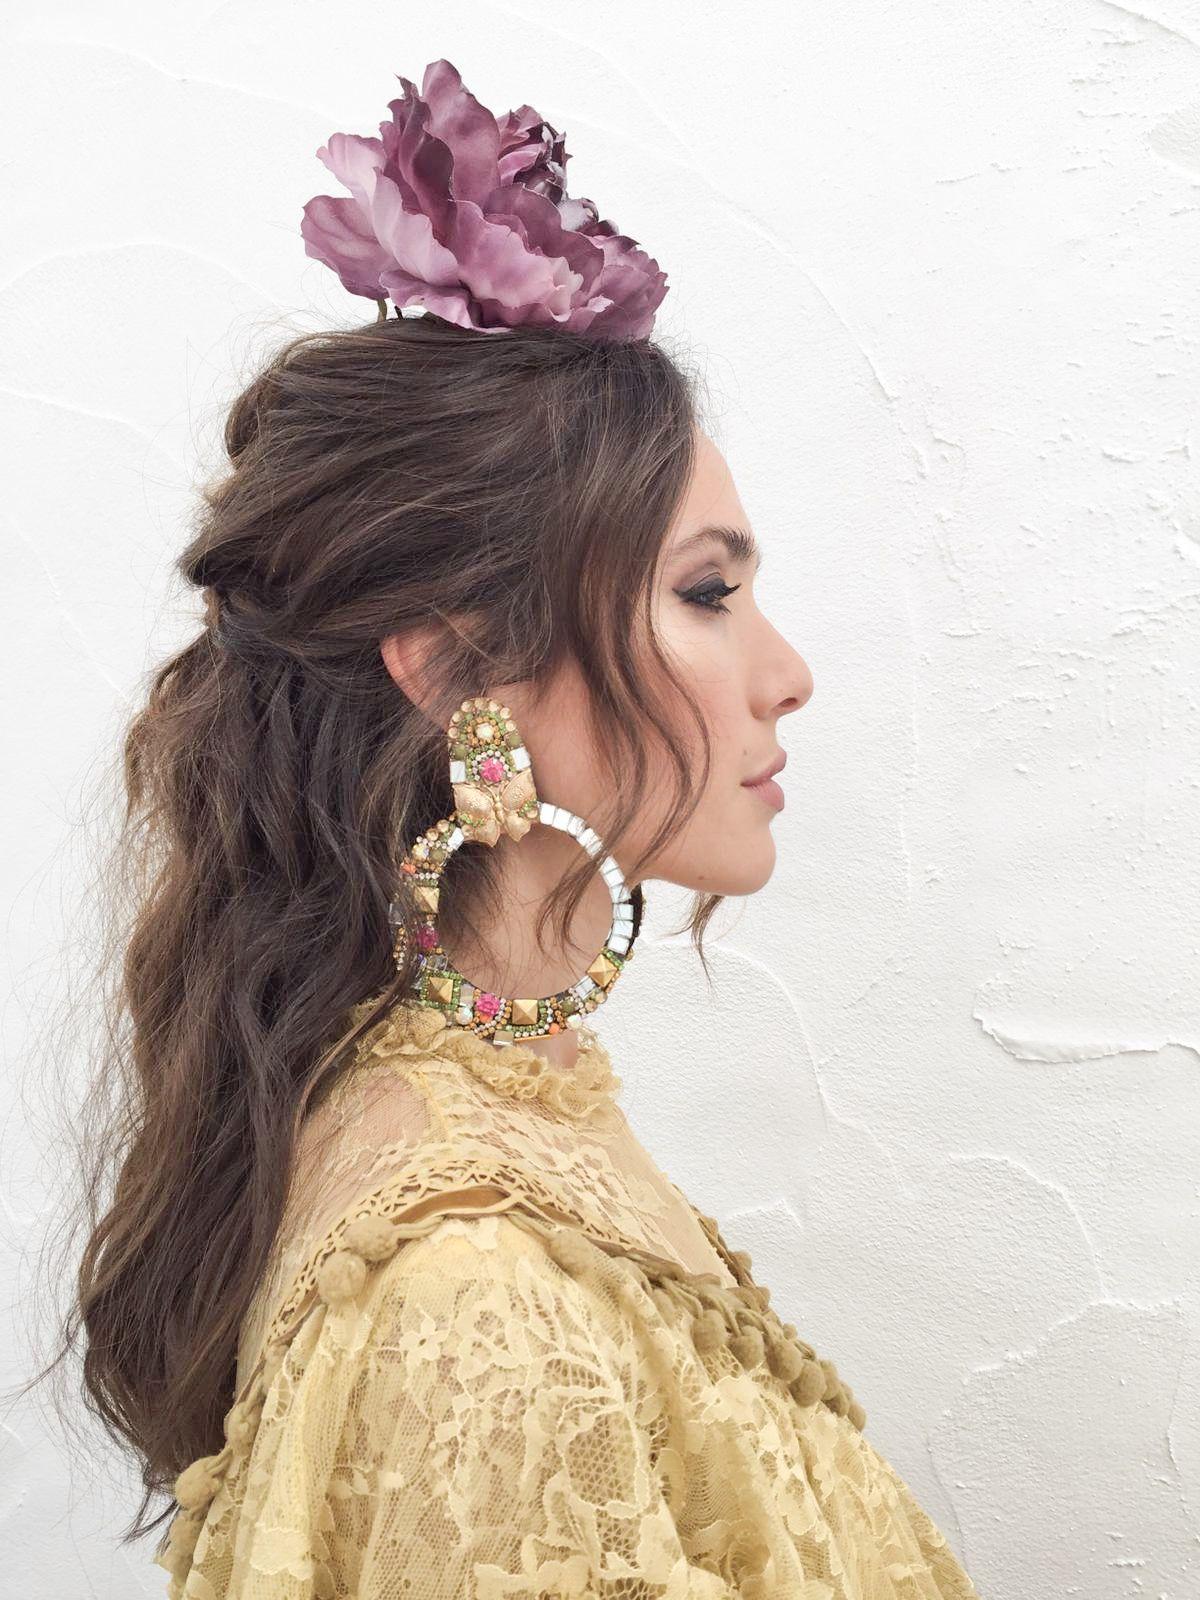 Cómo conseguir un peinados para feria 2021 Colección De Cortes De Pelo Tendencias - Ana Moya con un beauty look de flamenca by Oui Novias ...